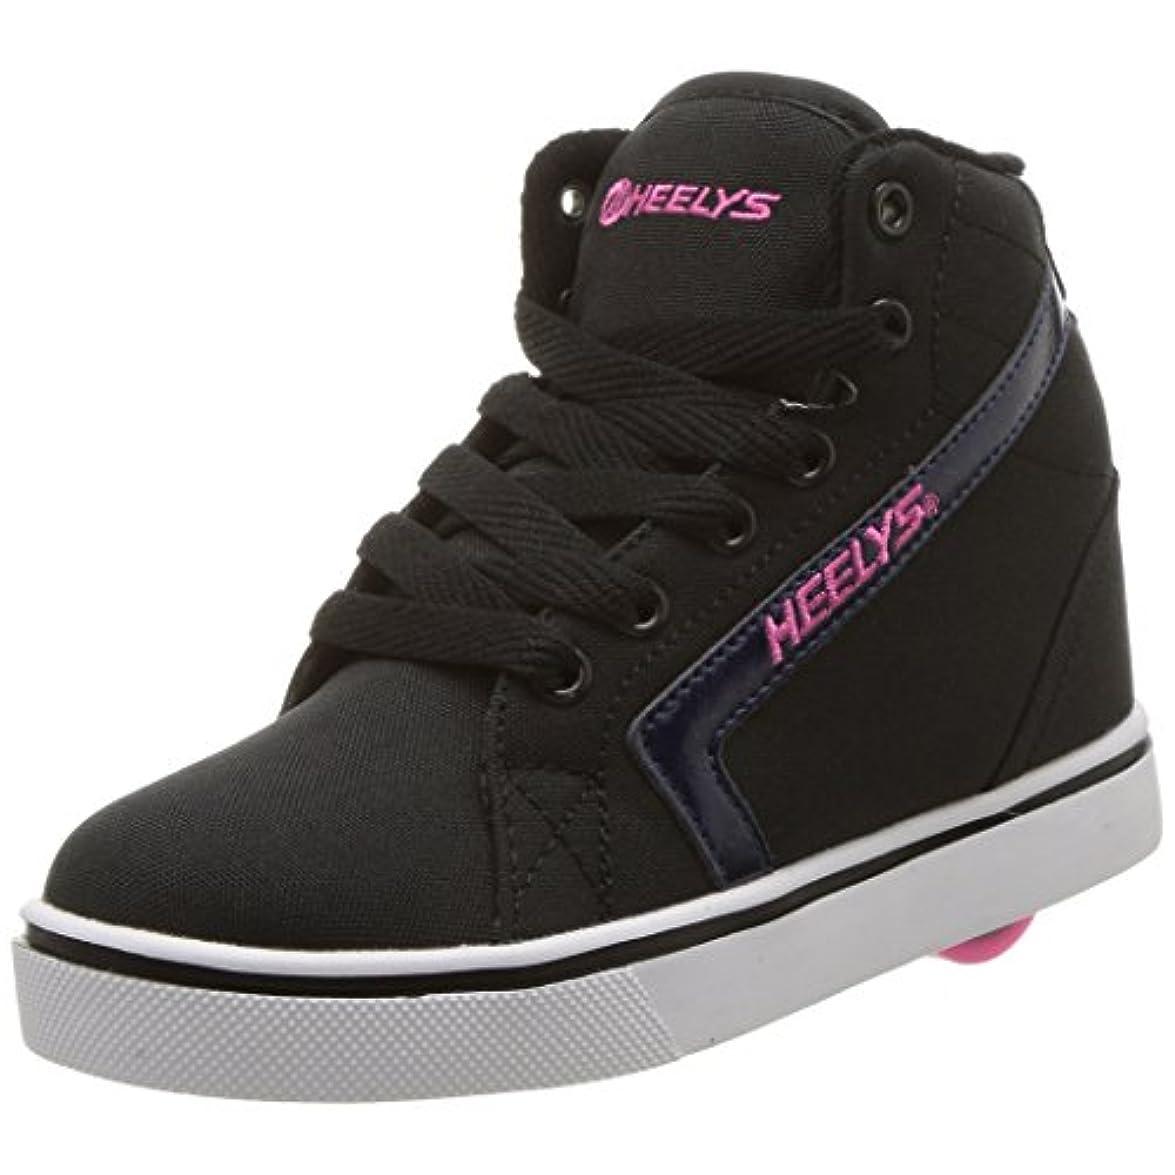 Heelys Gr8r Hi Sneaker A Collo Alto Donna